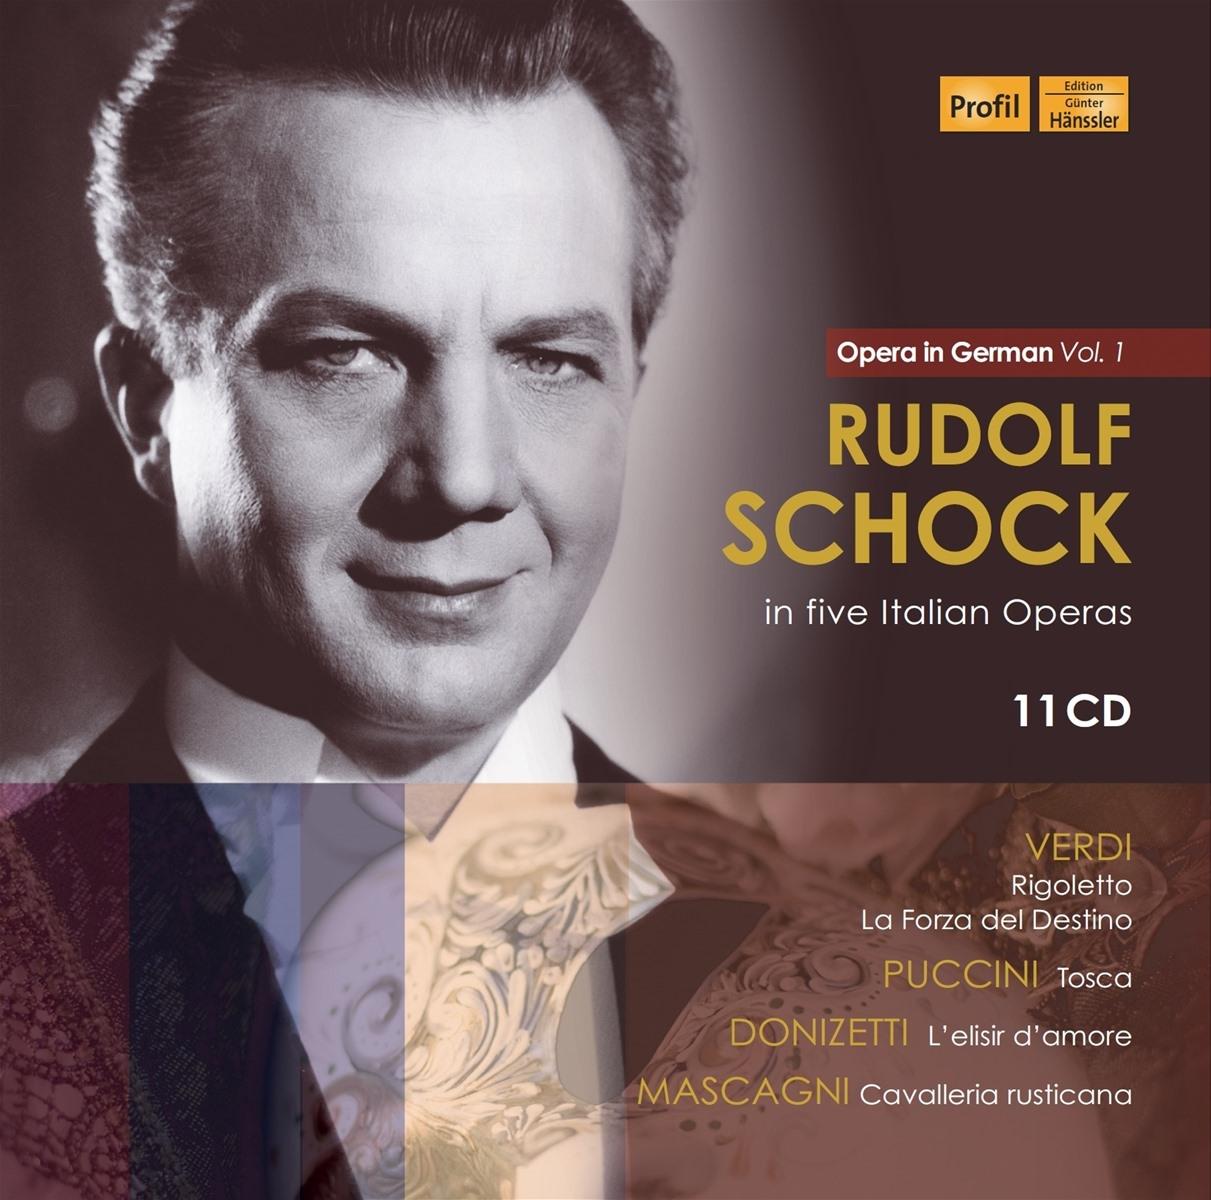 Rudolf Schock in five Italian Operas - Opera in Ge